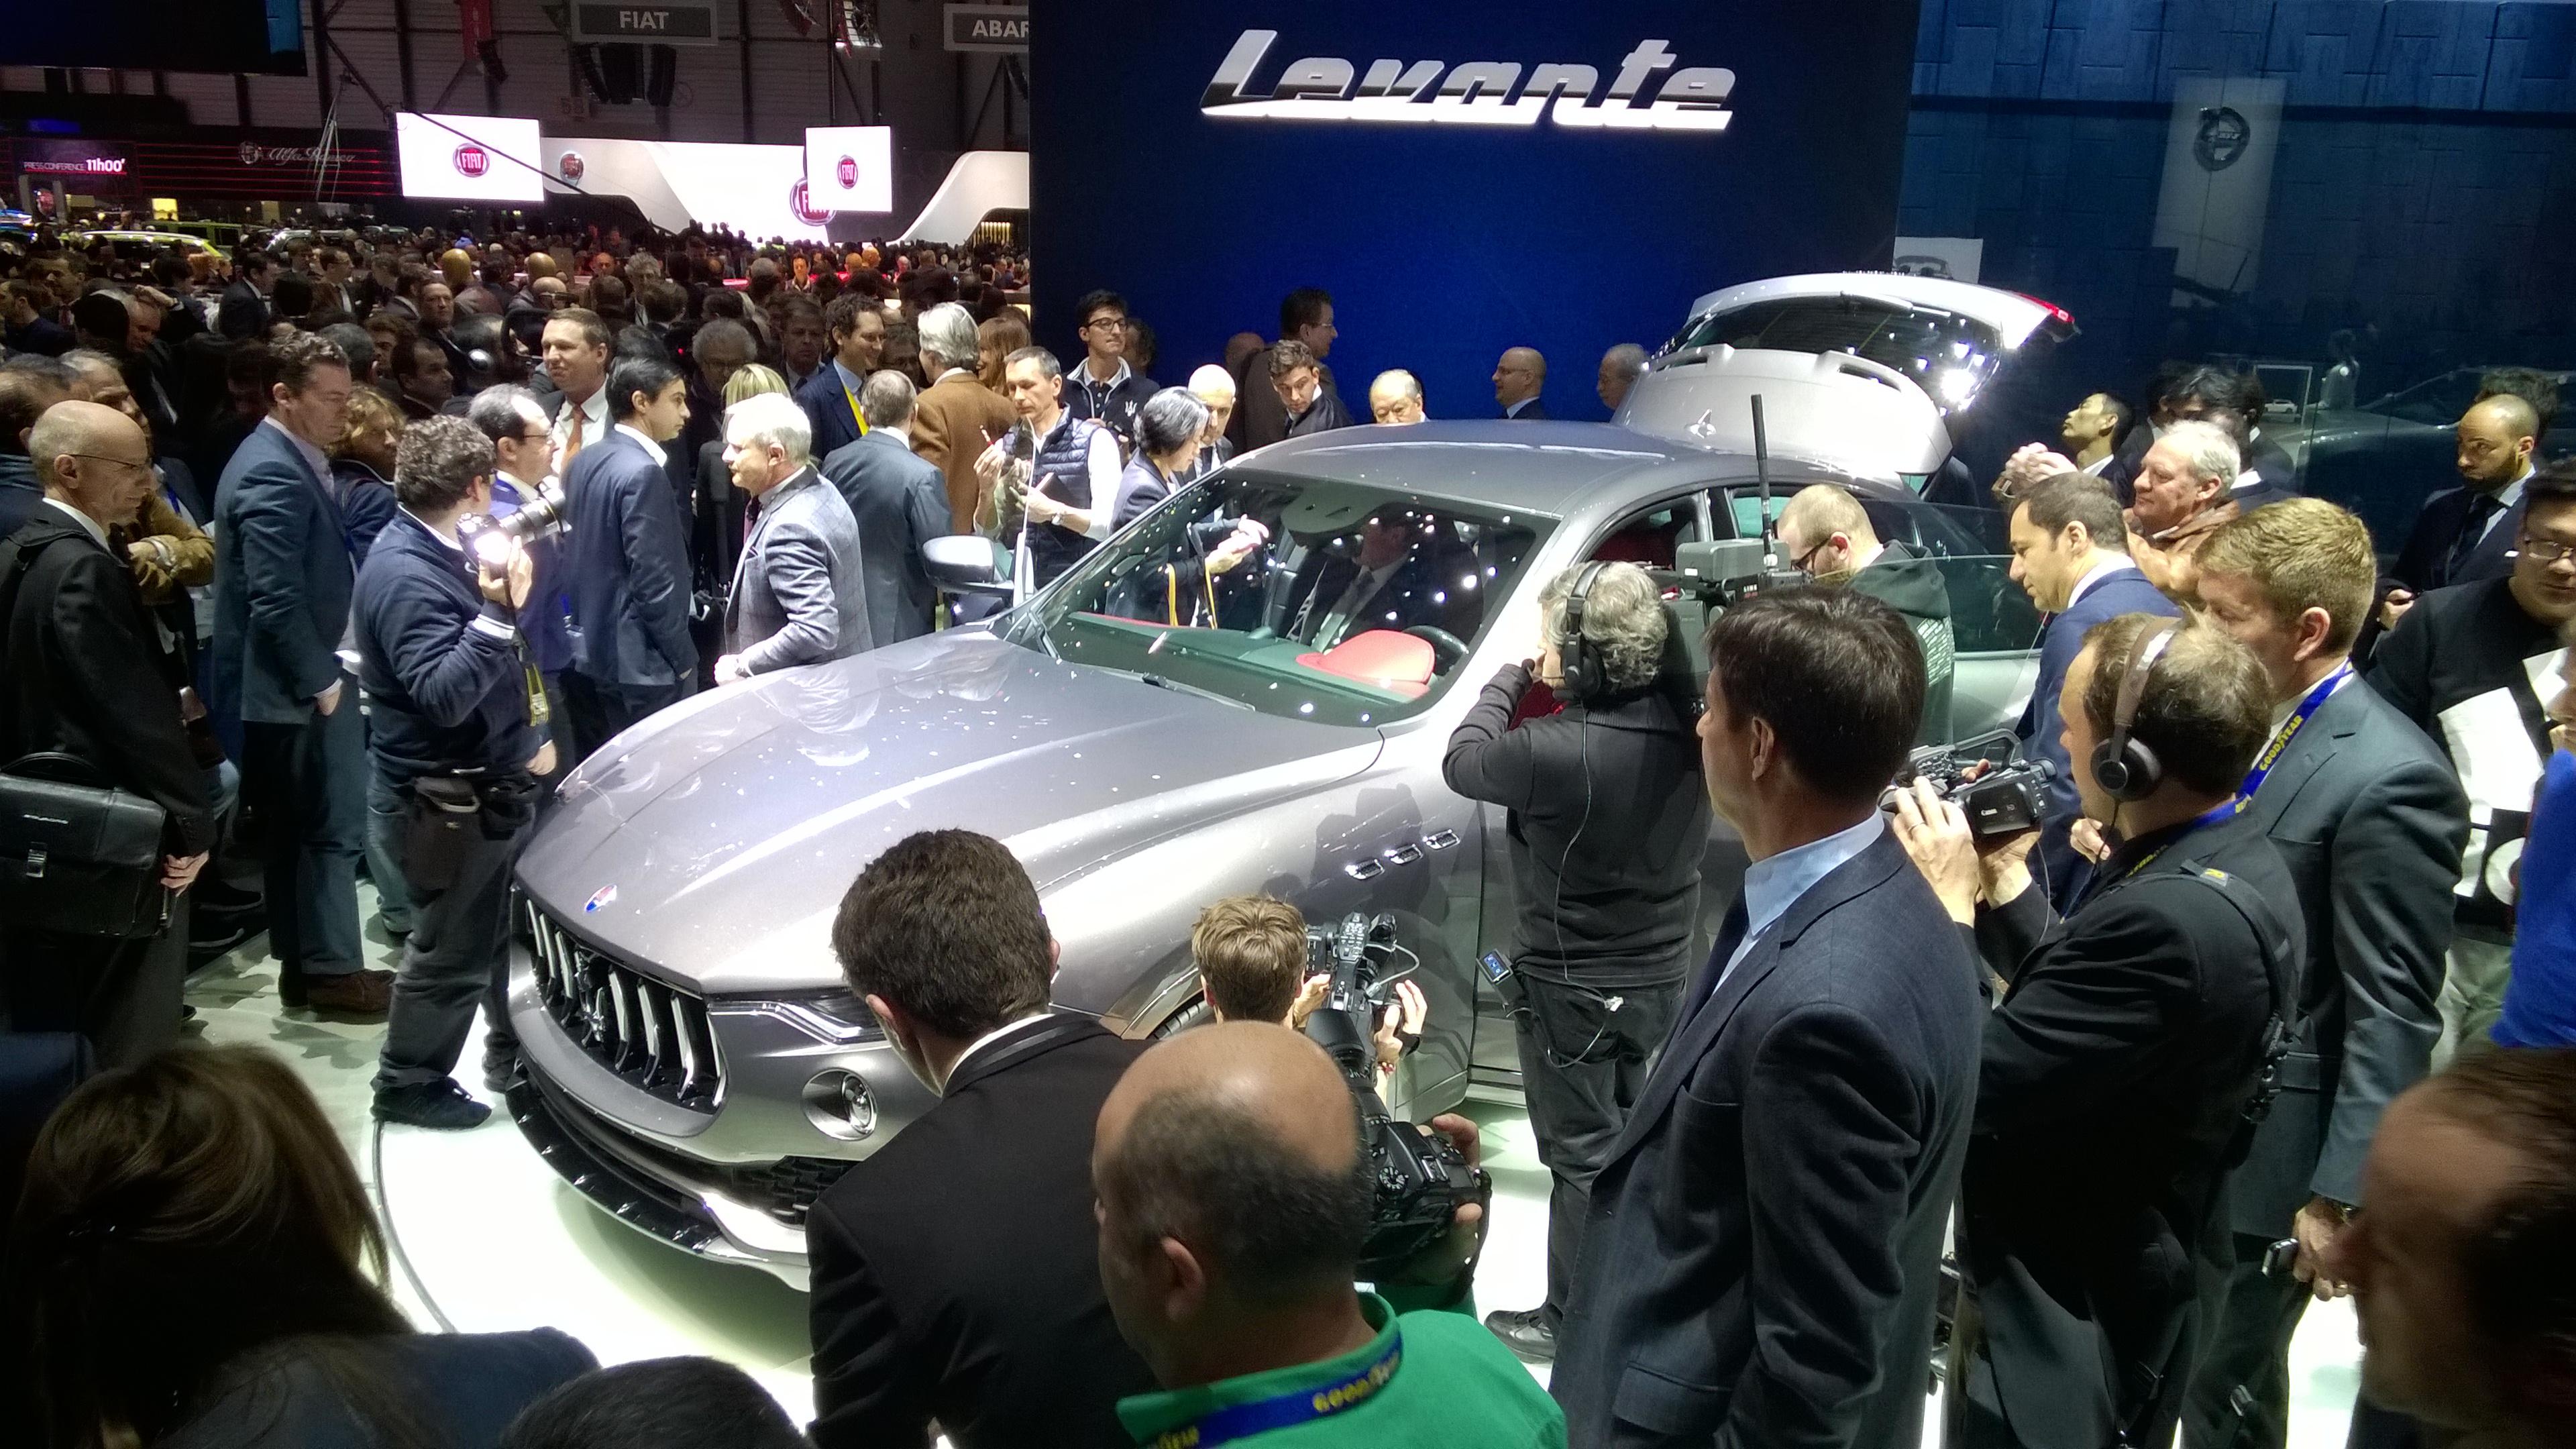 Maserati reveals the Levante SUV in Geneva 2016